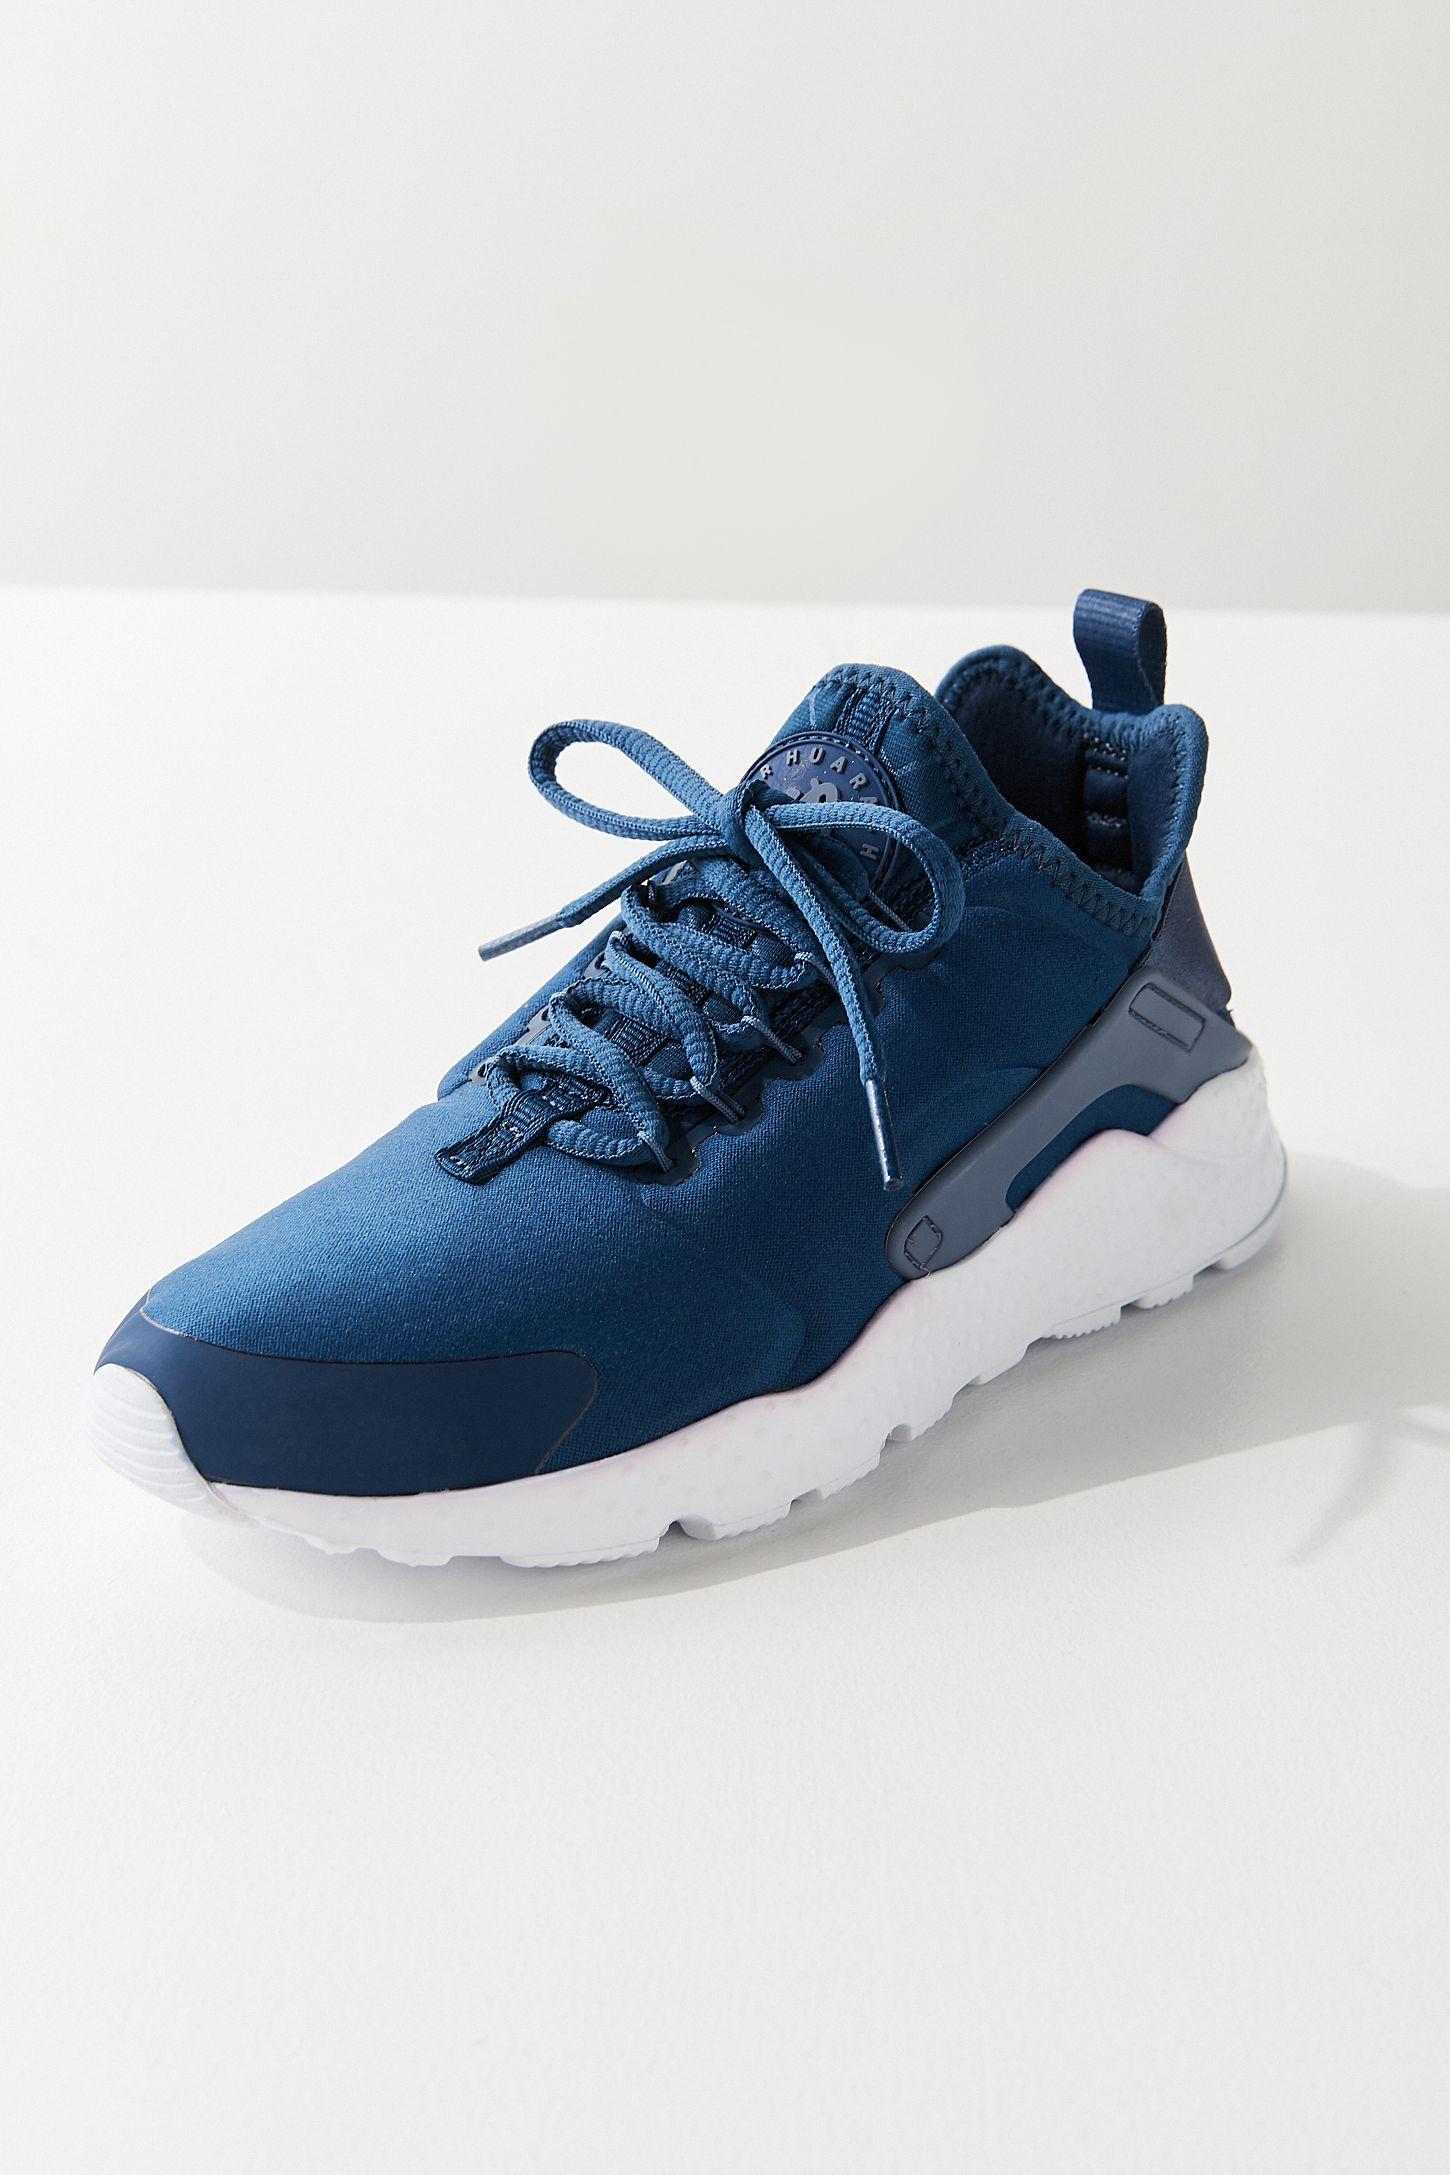 new arrival 786b8 a0a2e Nike Air Huarache Ultra Sneaker   Urban Outfitters